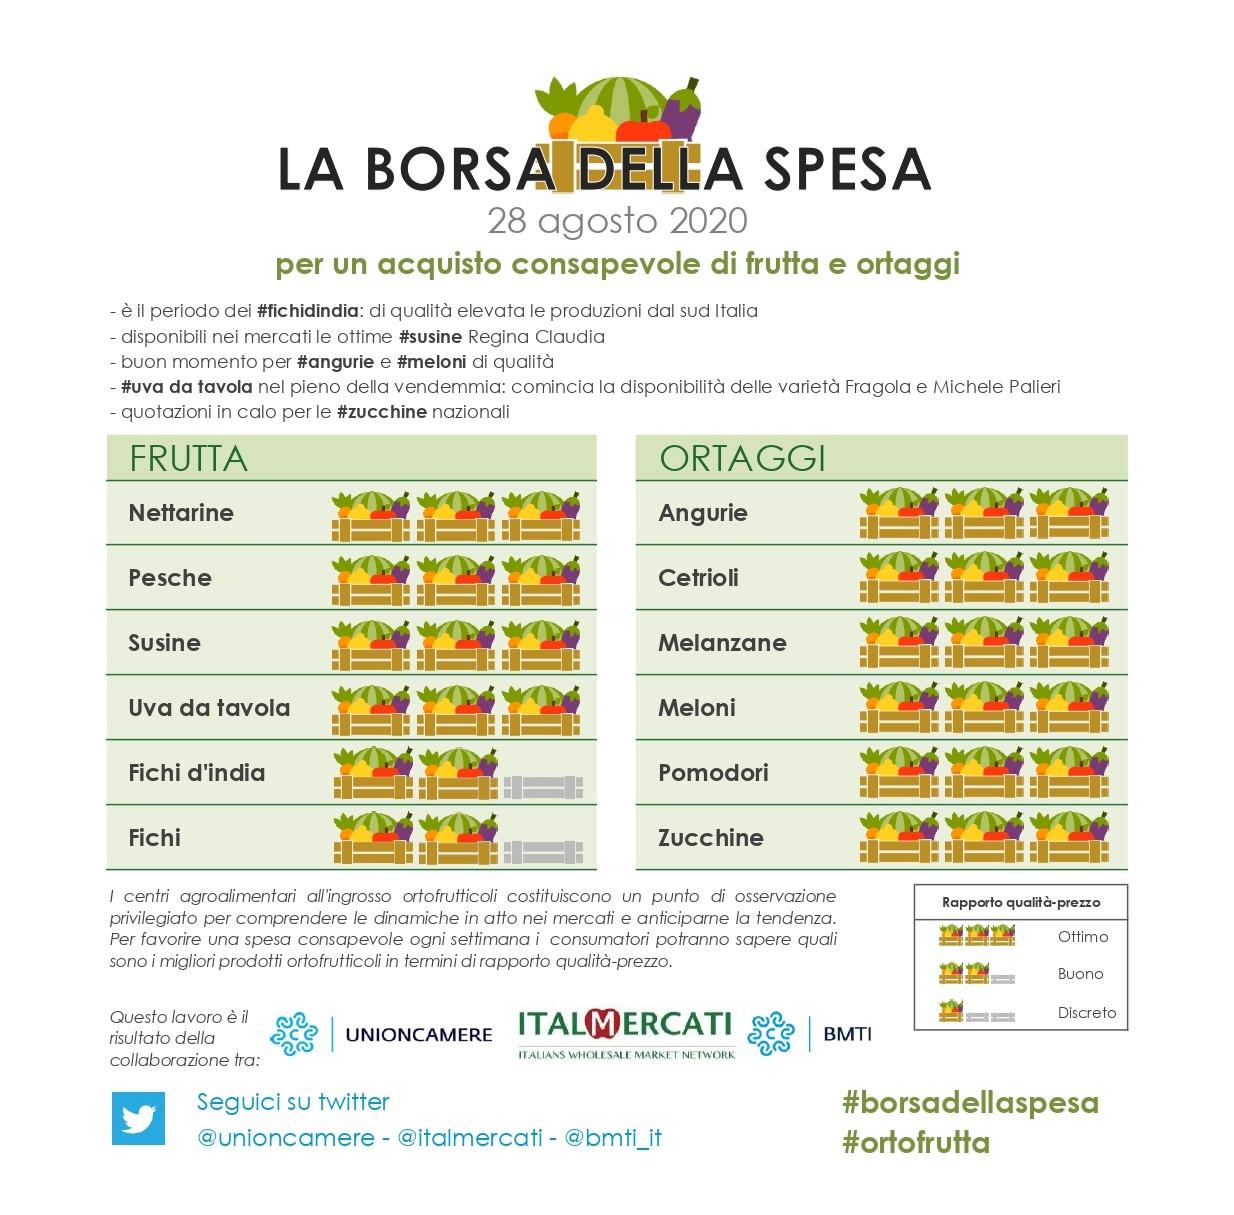 borsa della spesa 28 agosto: #angurie, #cetrioli, #melanzane, #meloni, #pomodori, #zucchine, #nettarine, #pesche, #susine e  #uva datavola